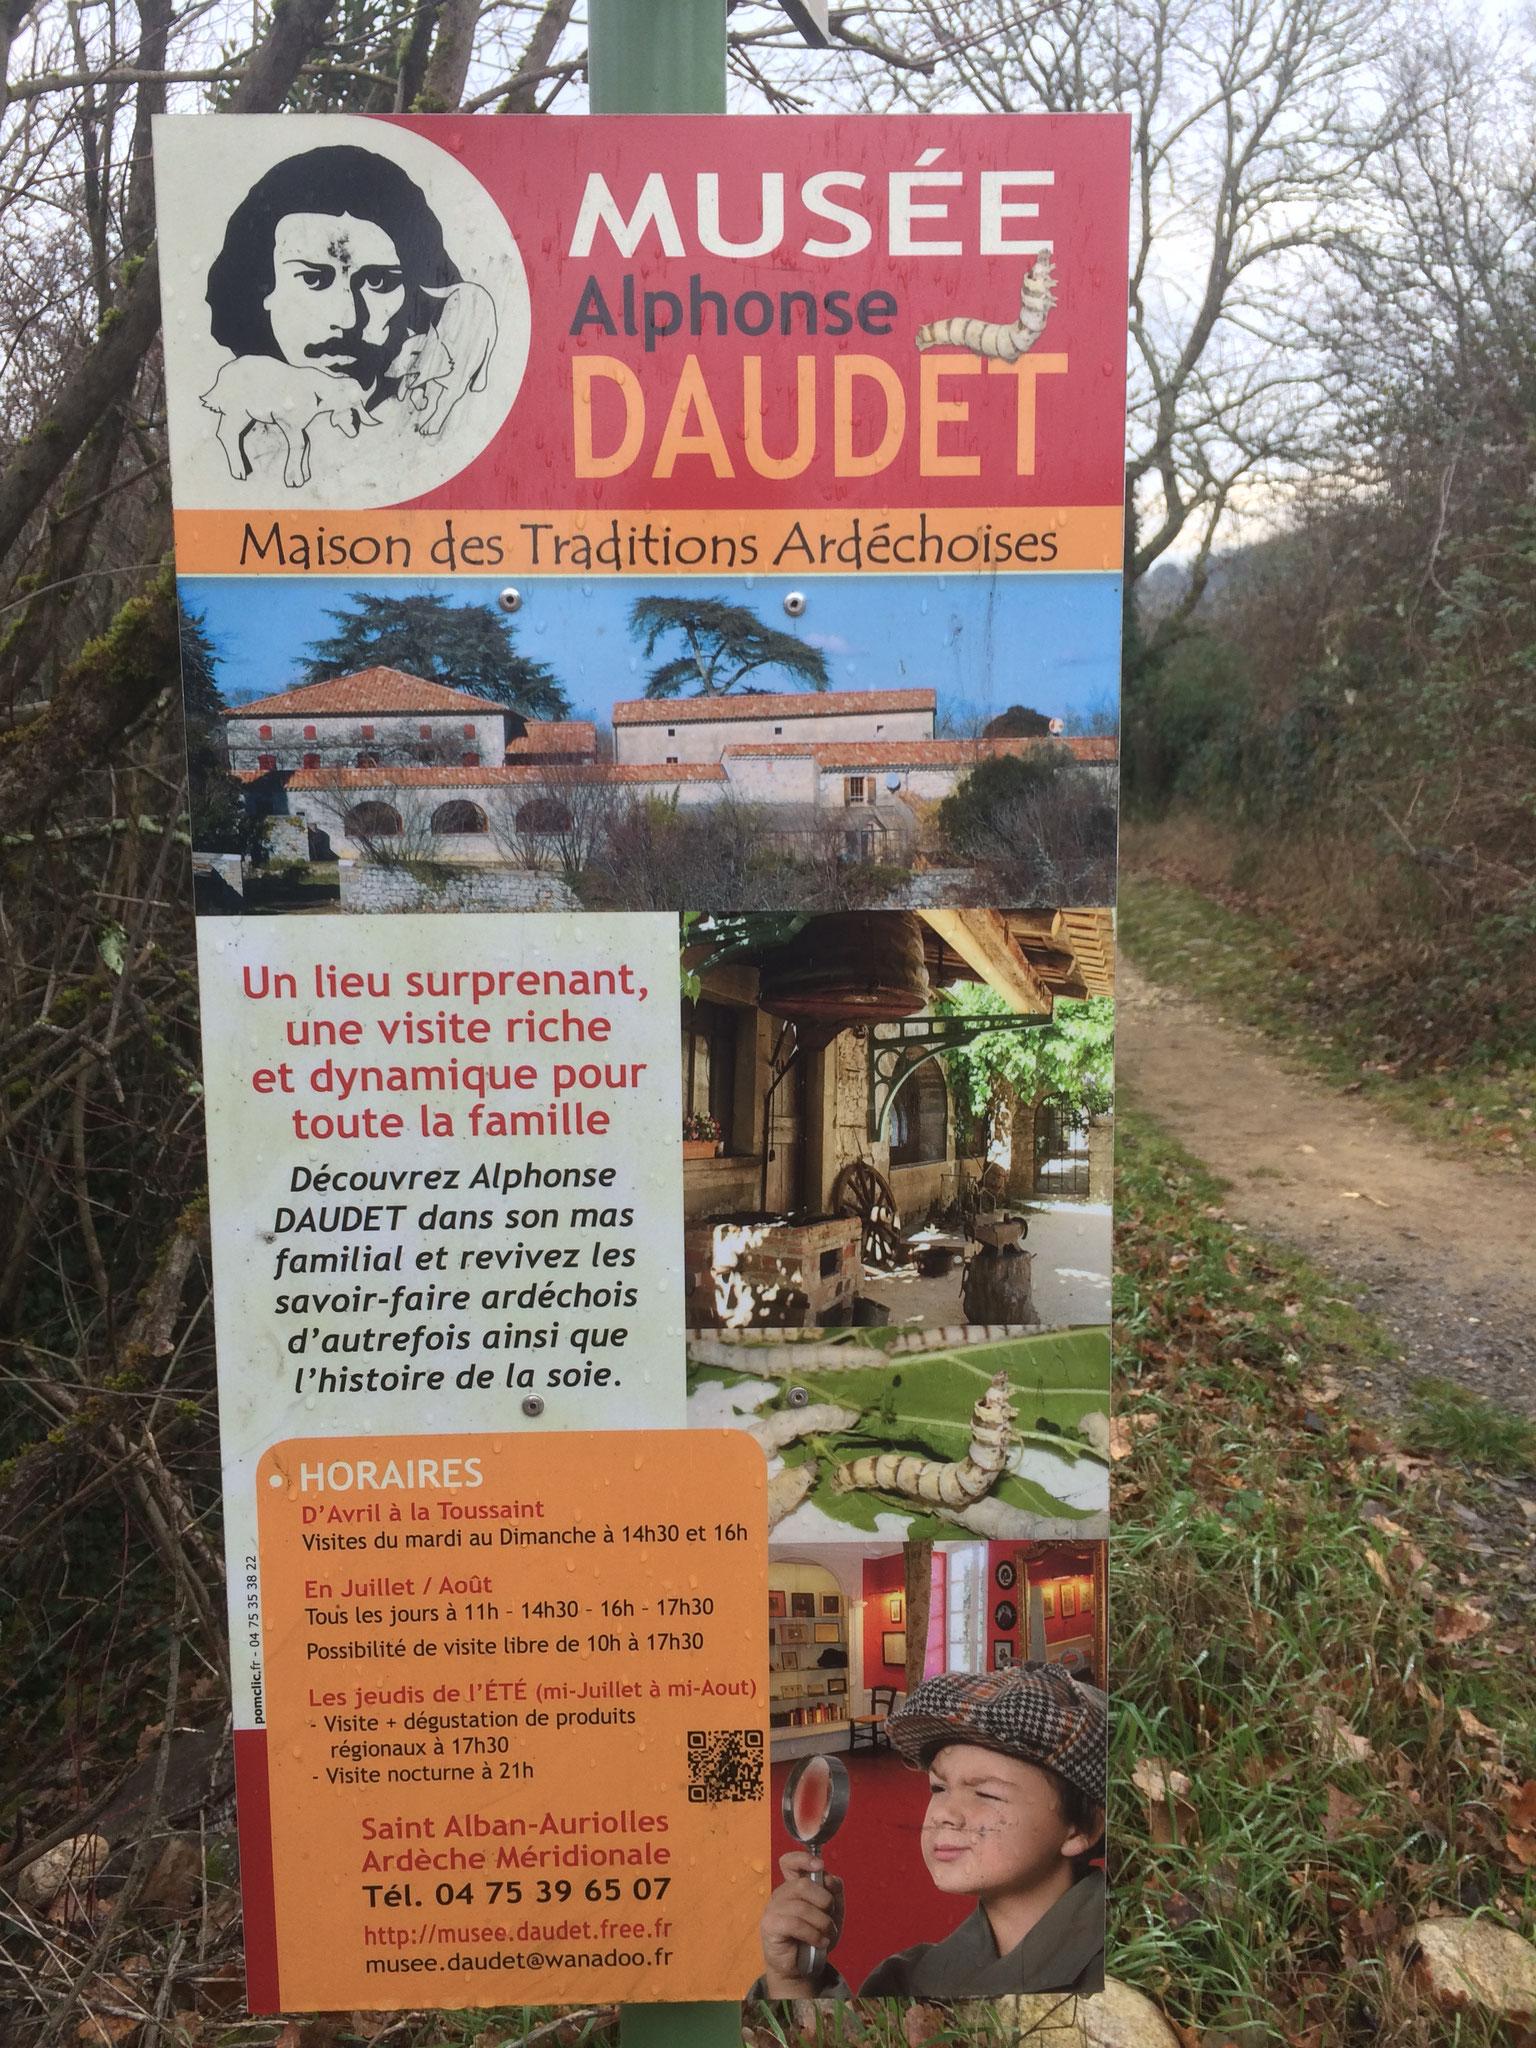 Musée Alphonse Daudet